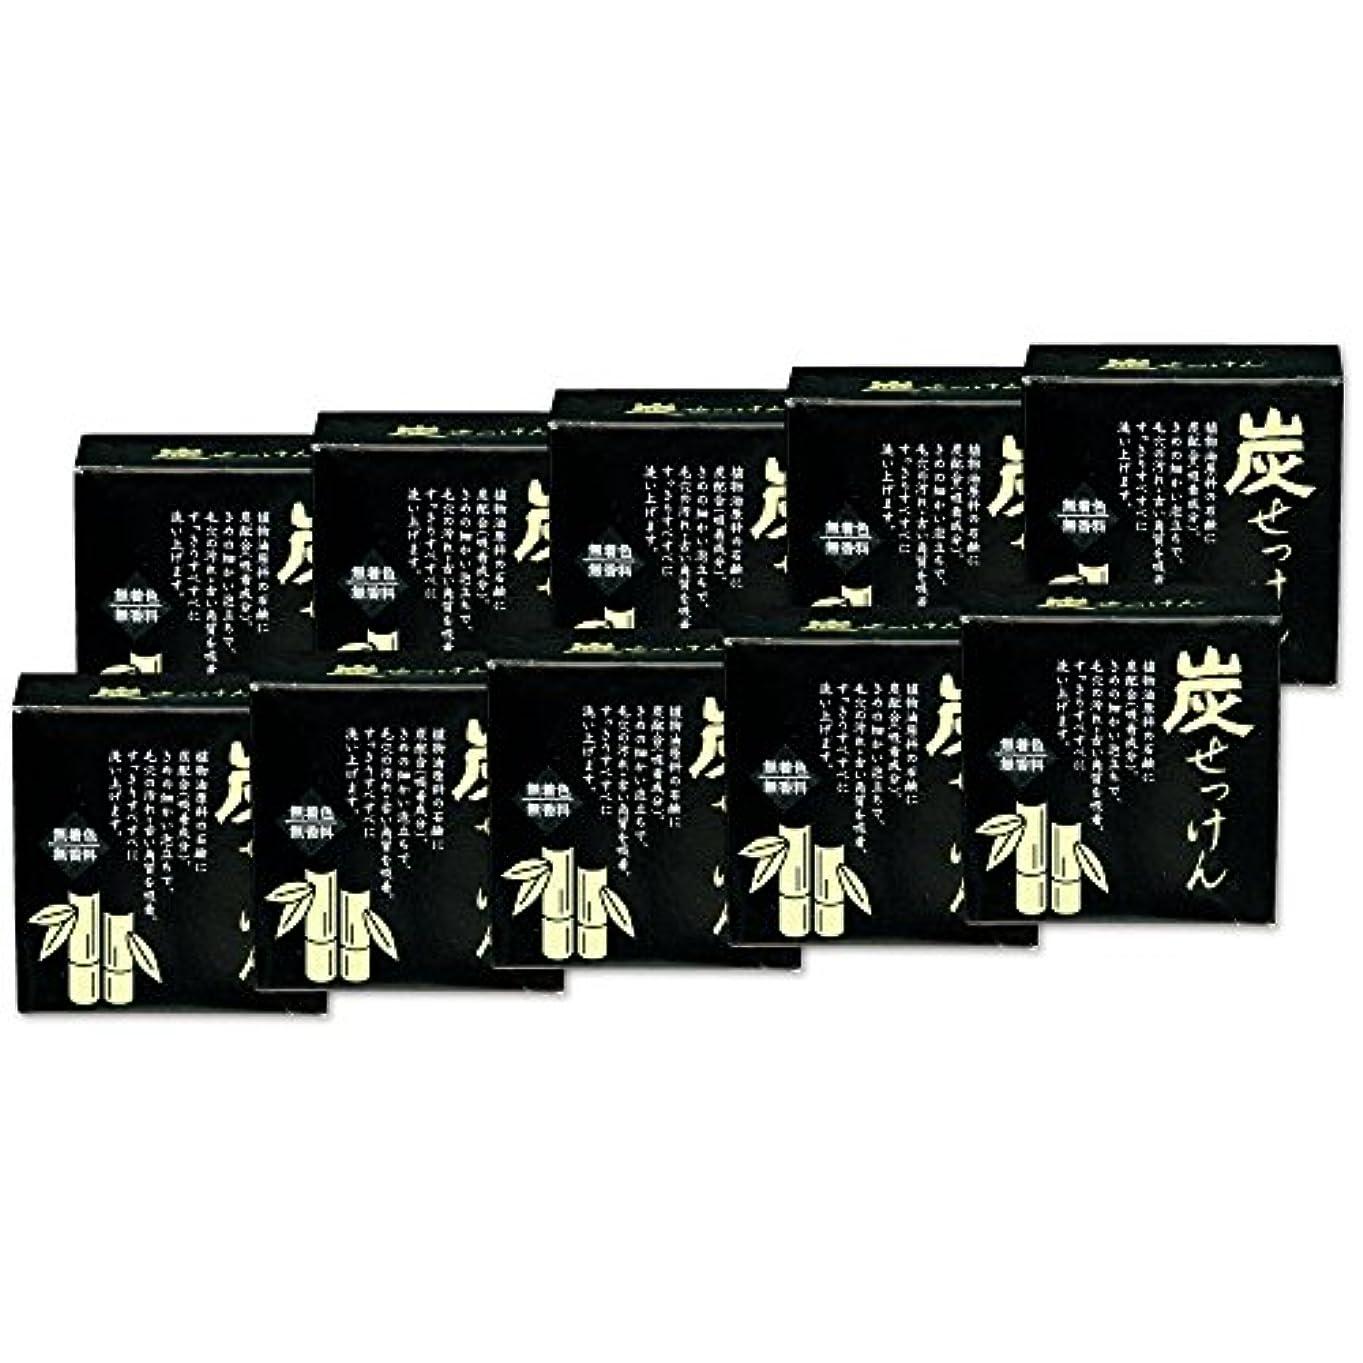 条約無謀価格竹炭の里 炭せっけん 無香料 無着色 100g 10個セット 累計販売100万個突破の人気商品。